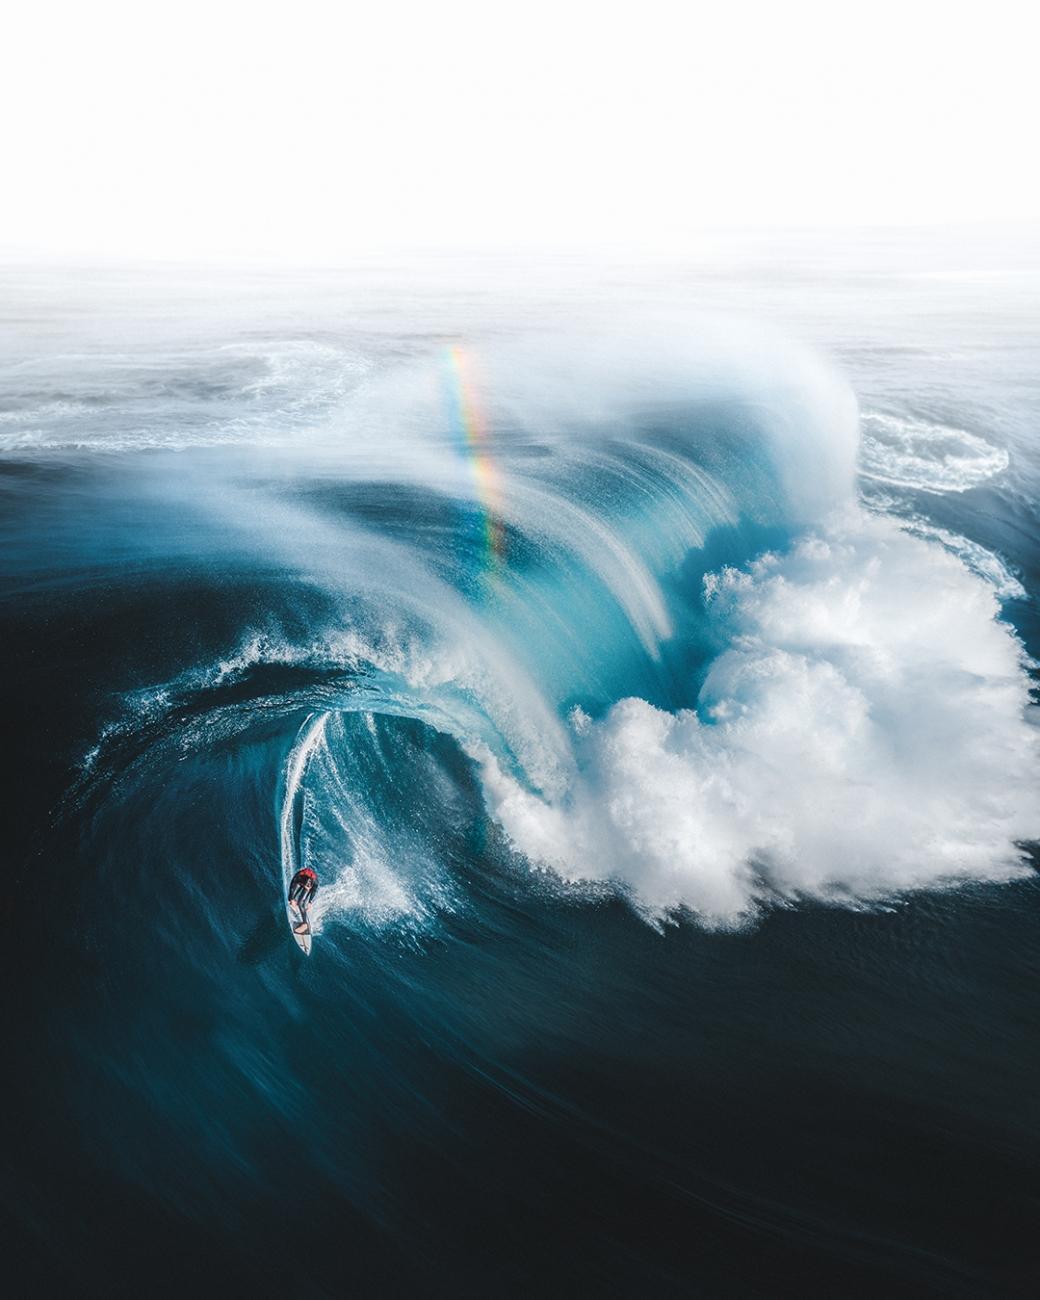 """""""Jag hittade guld i slutet av denna regnbåge när surfaren, Ollie Henry, flyr från en monstervåg utanför kusten i sydvästra västra Australien."""""""